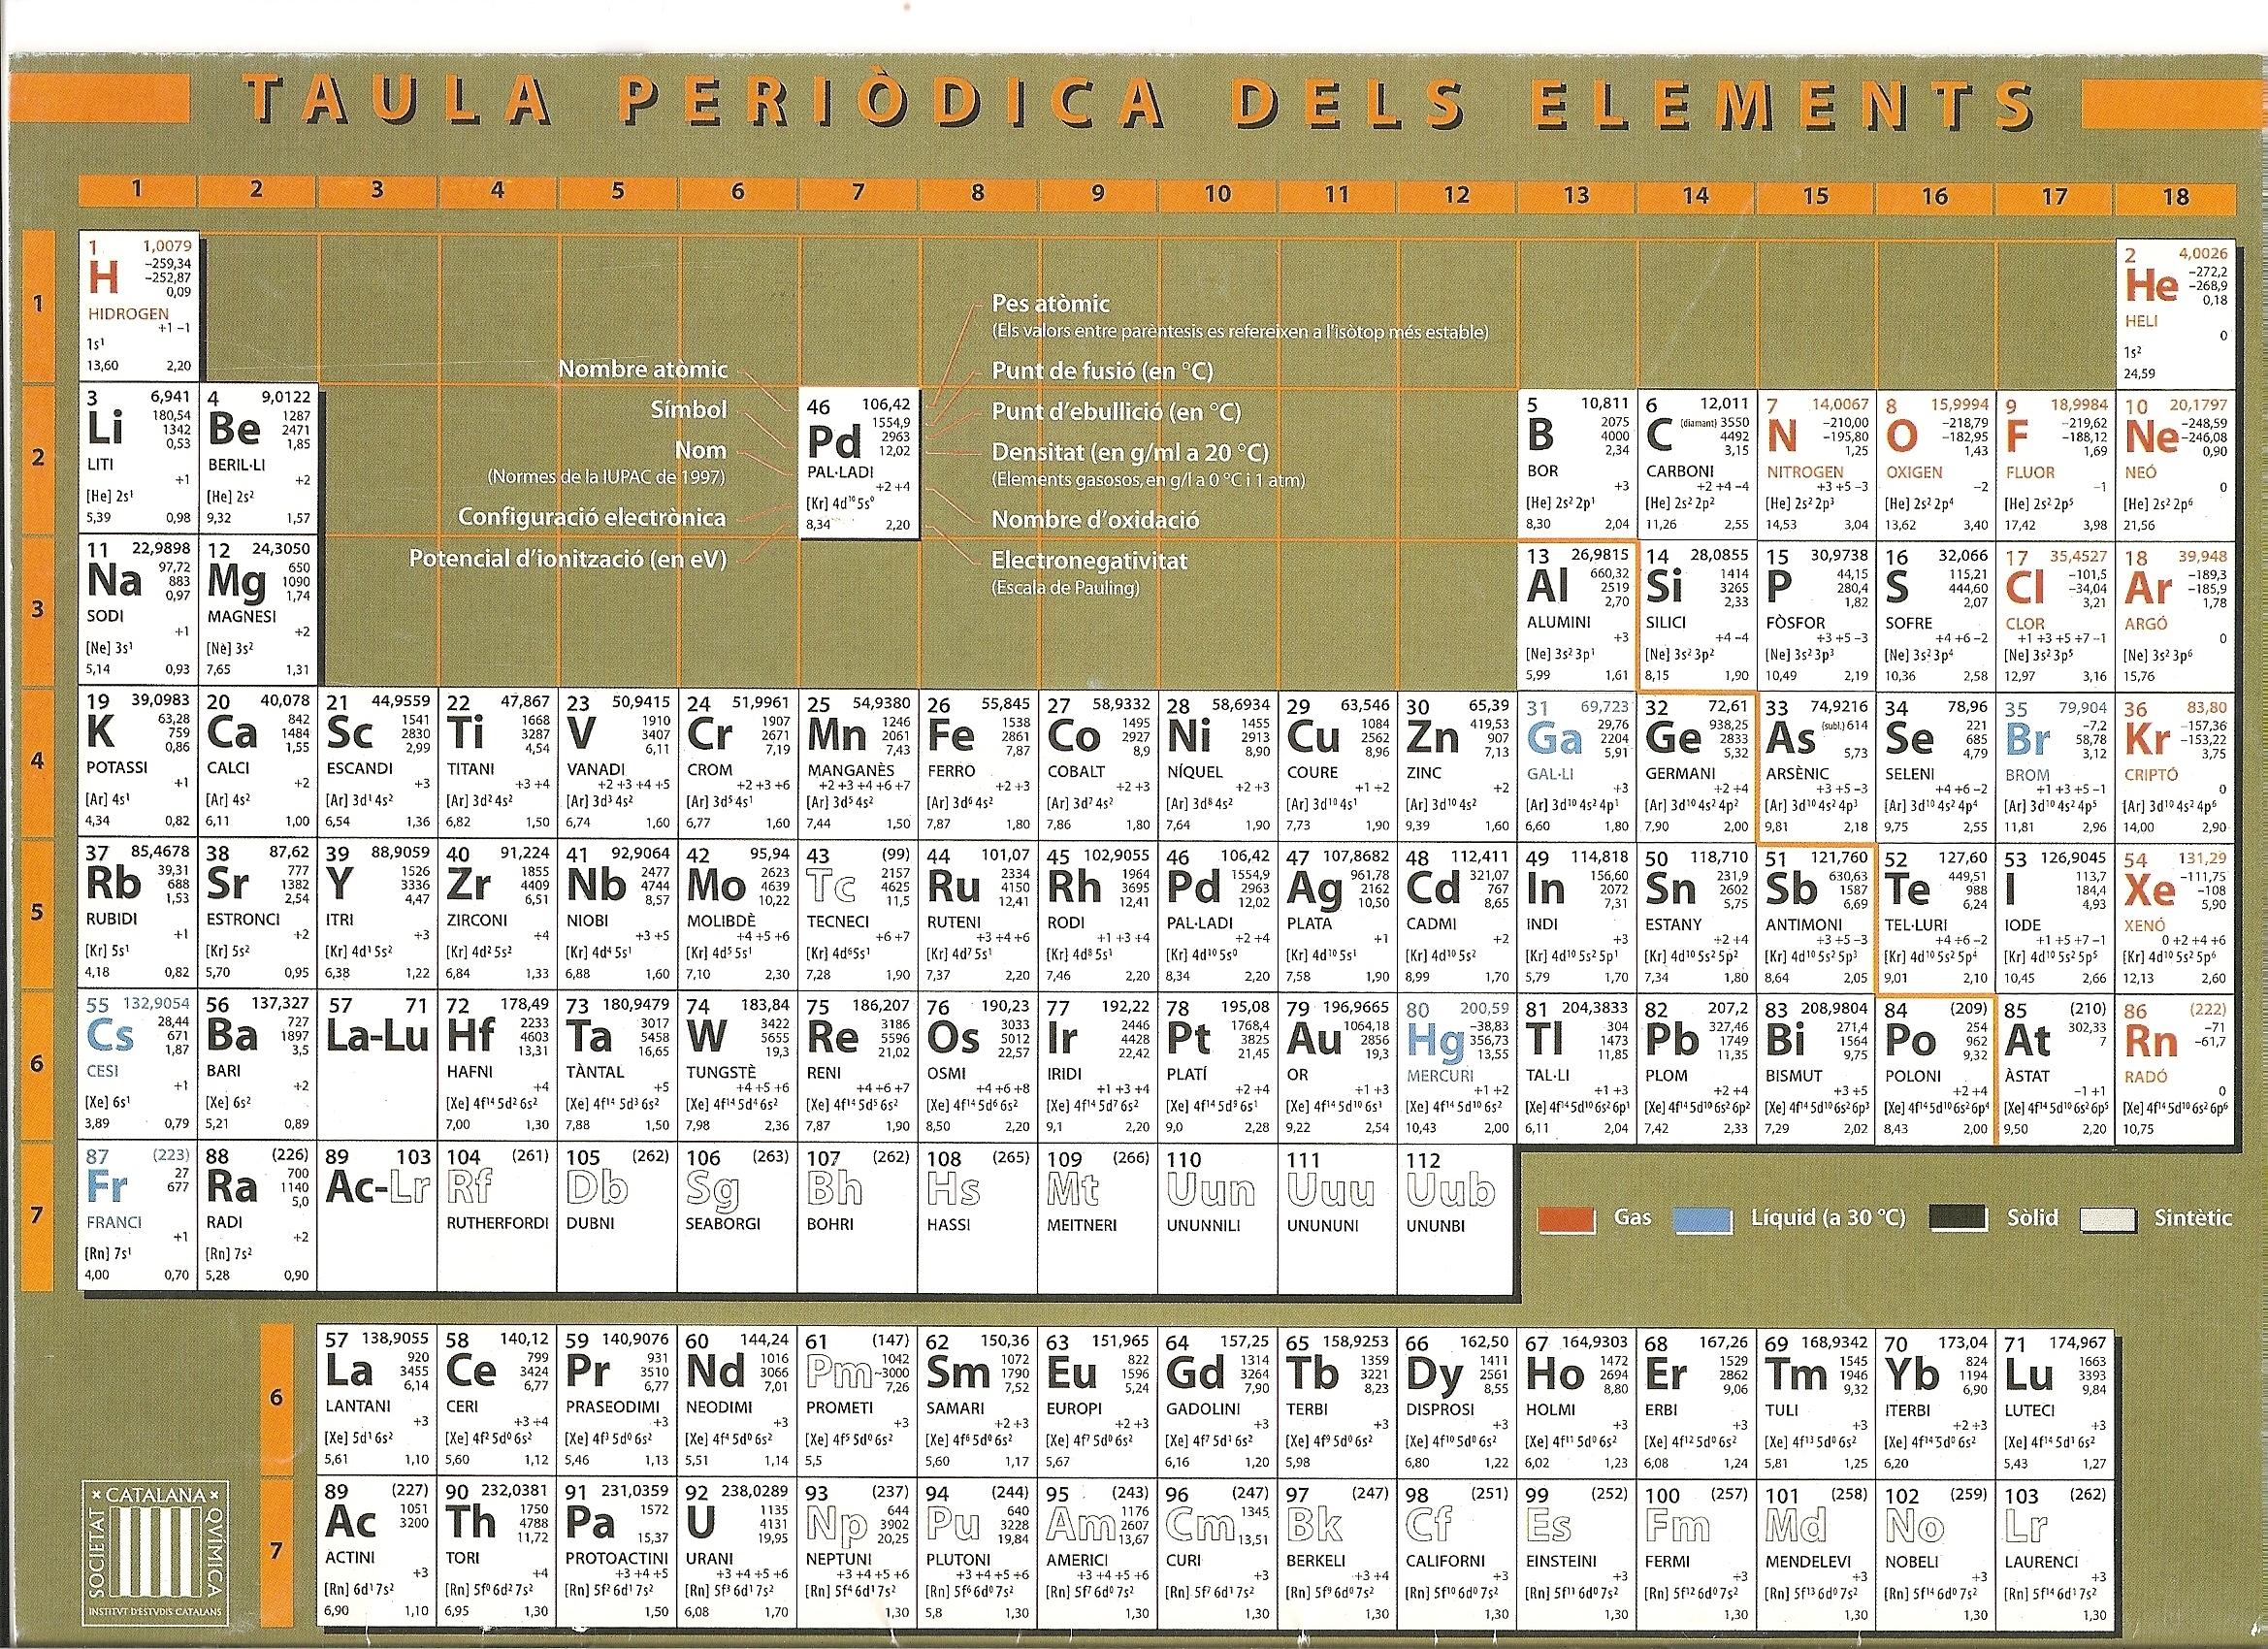 Taula periodica dels elements qumics taula periodica dels elements qumics urtaz Image collections